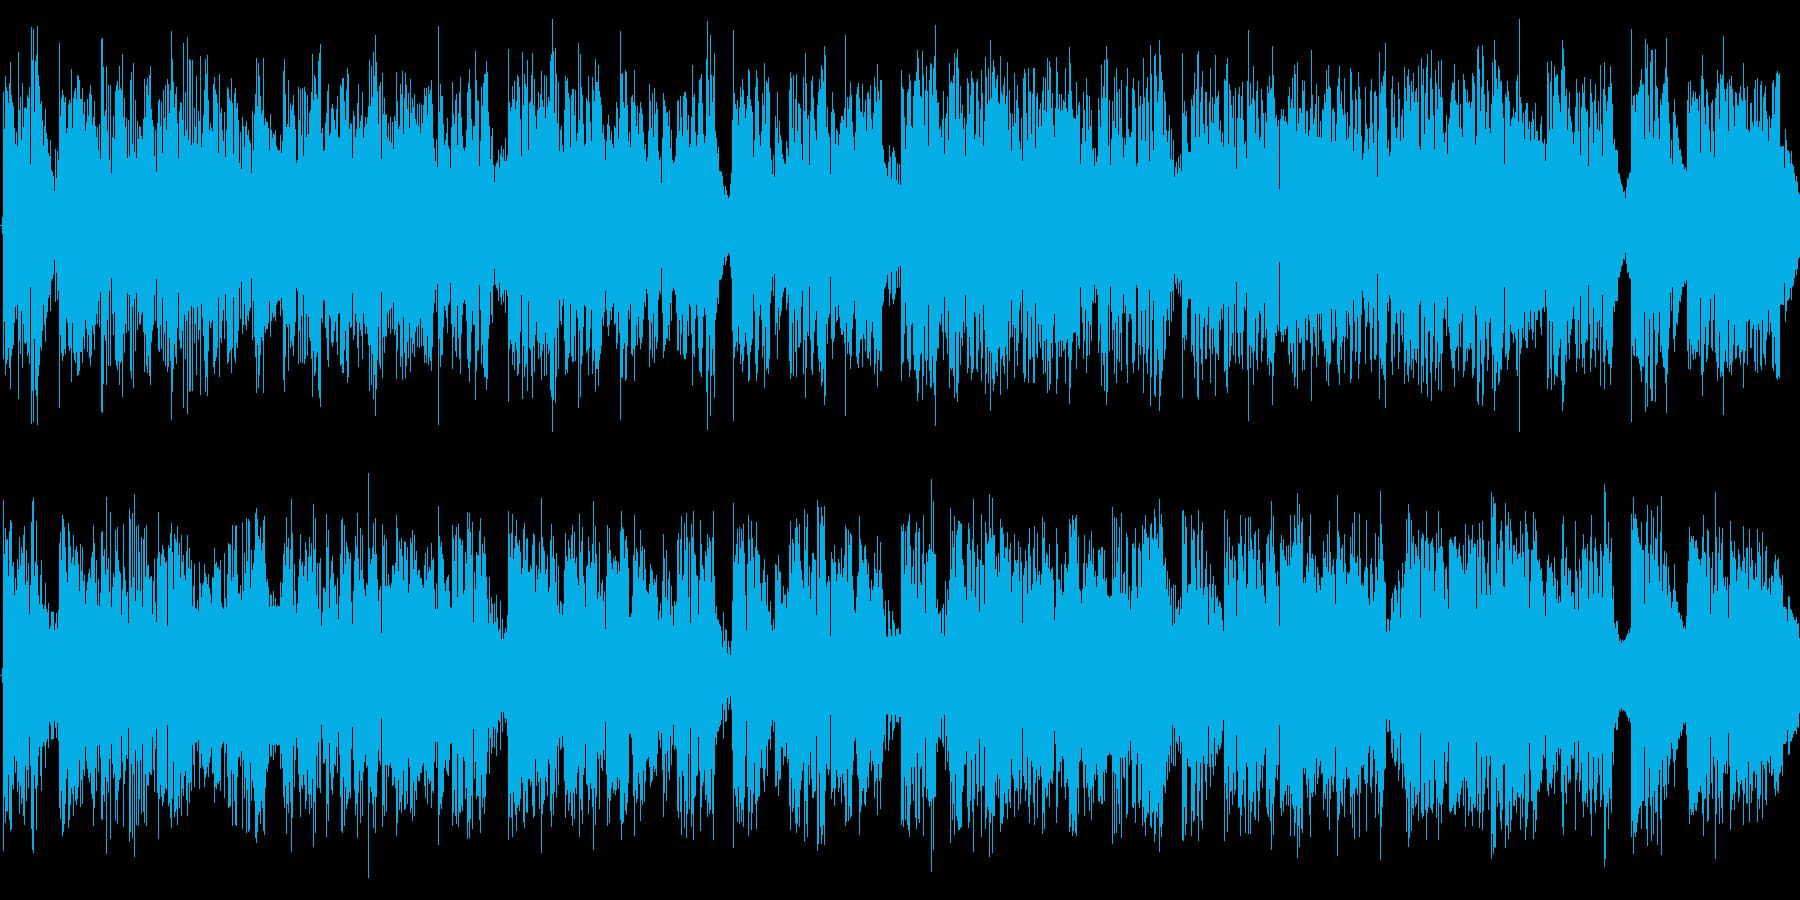 デトロイトを意識した楽曲です。の再生済みの波形